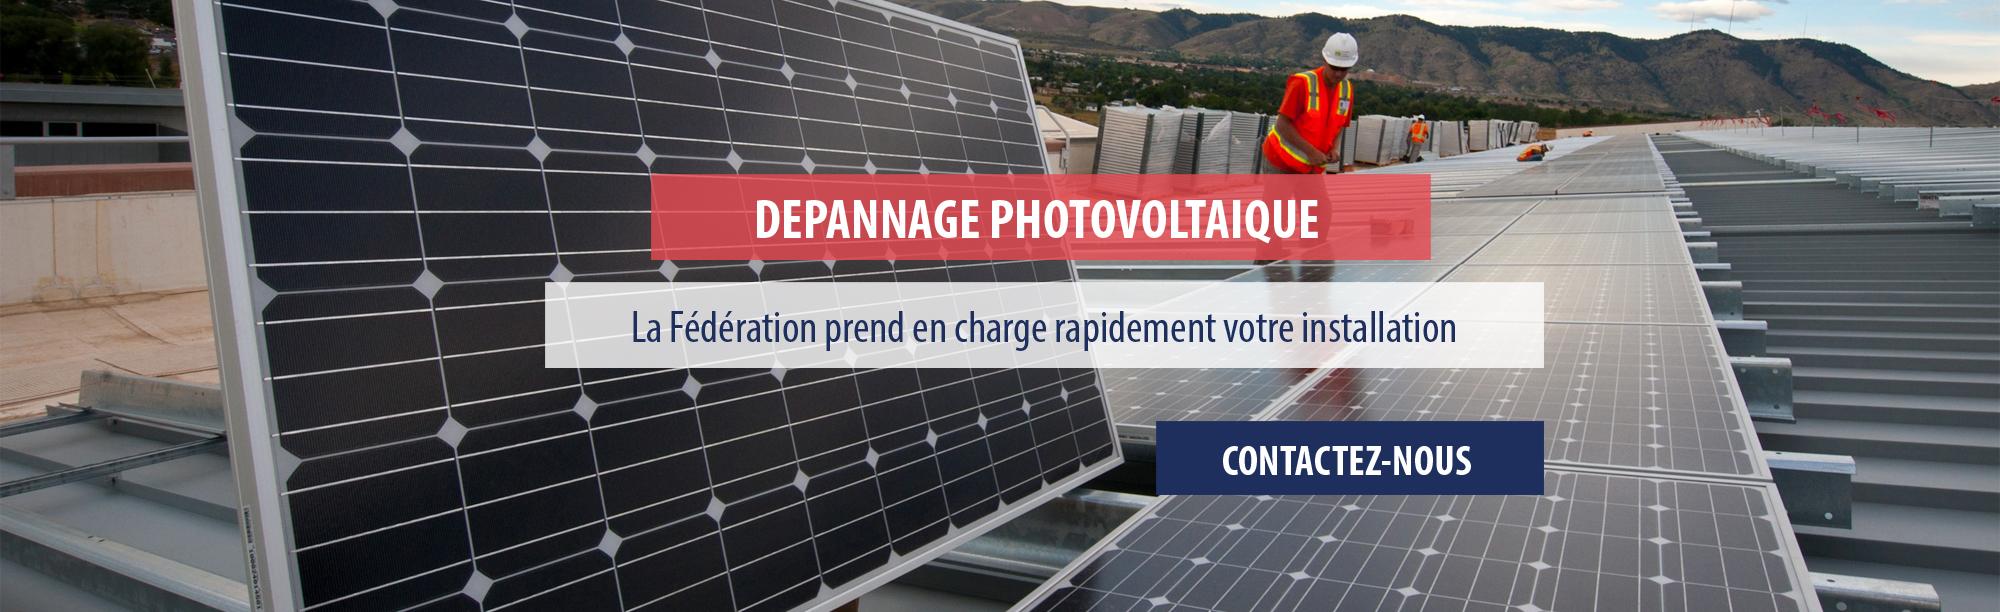 depannage-solaire-photovoltaique4